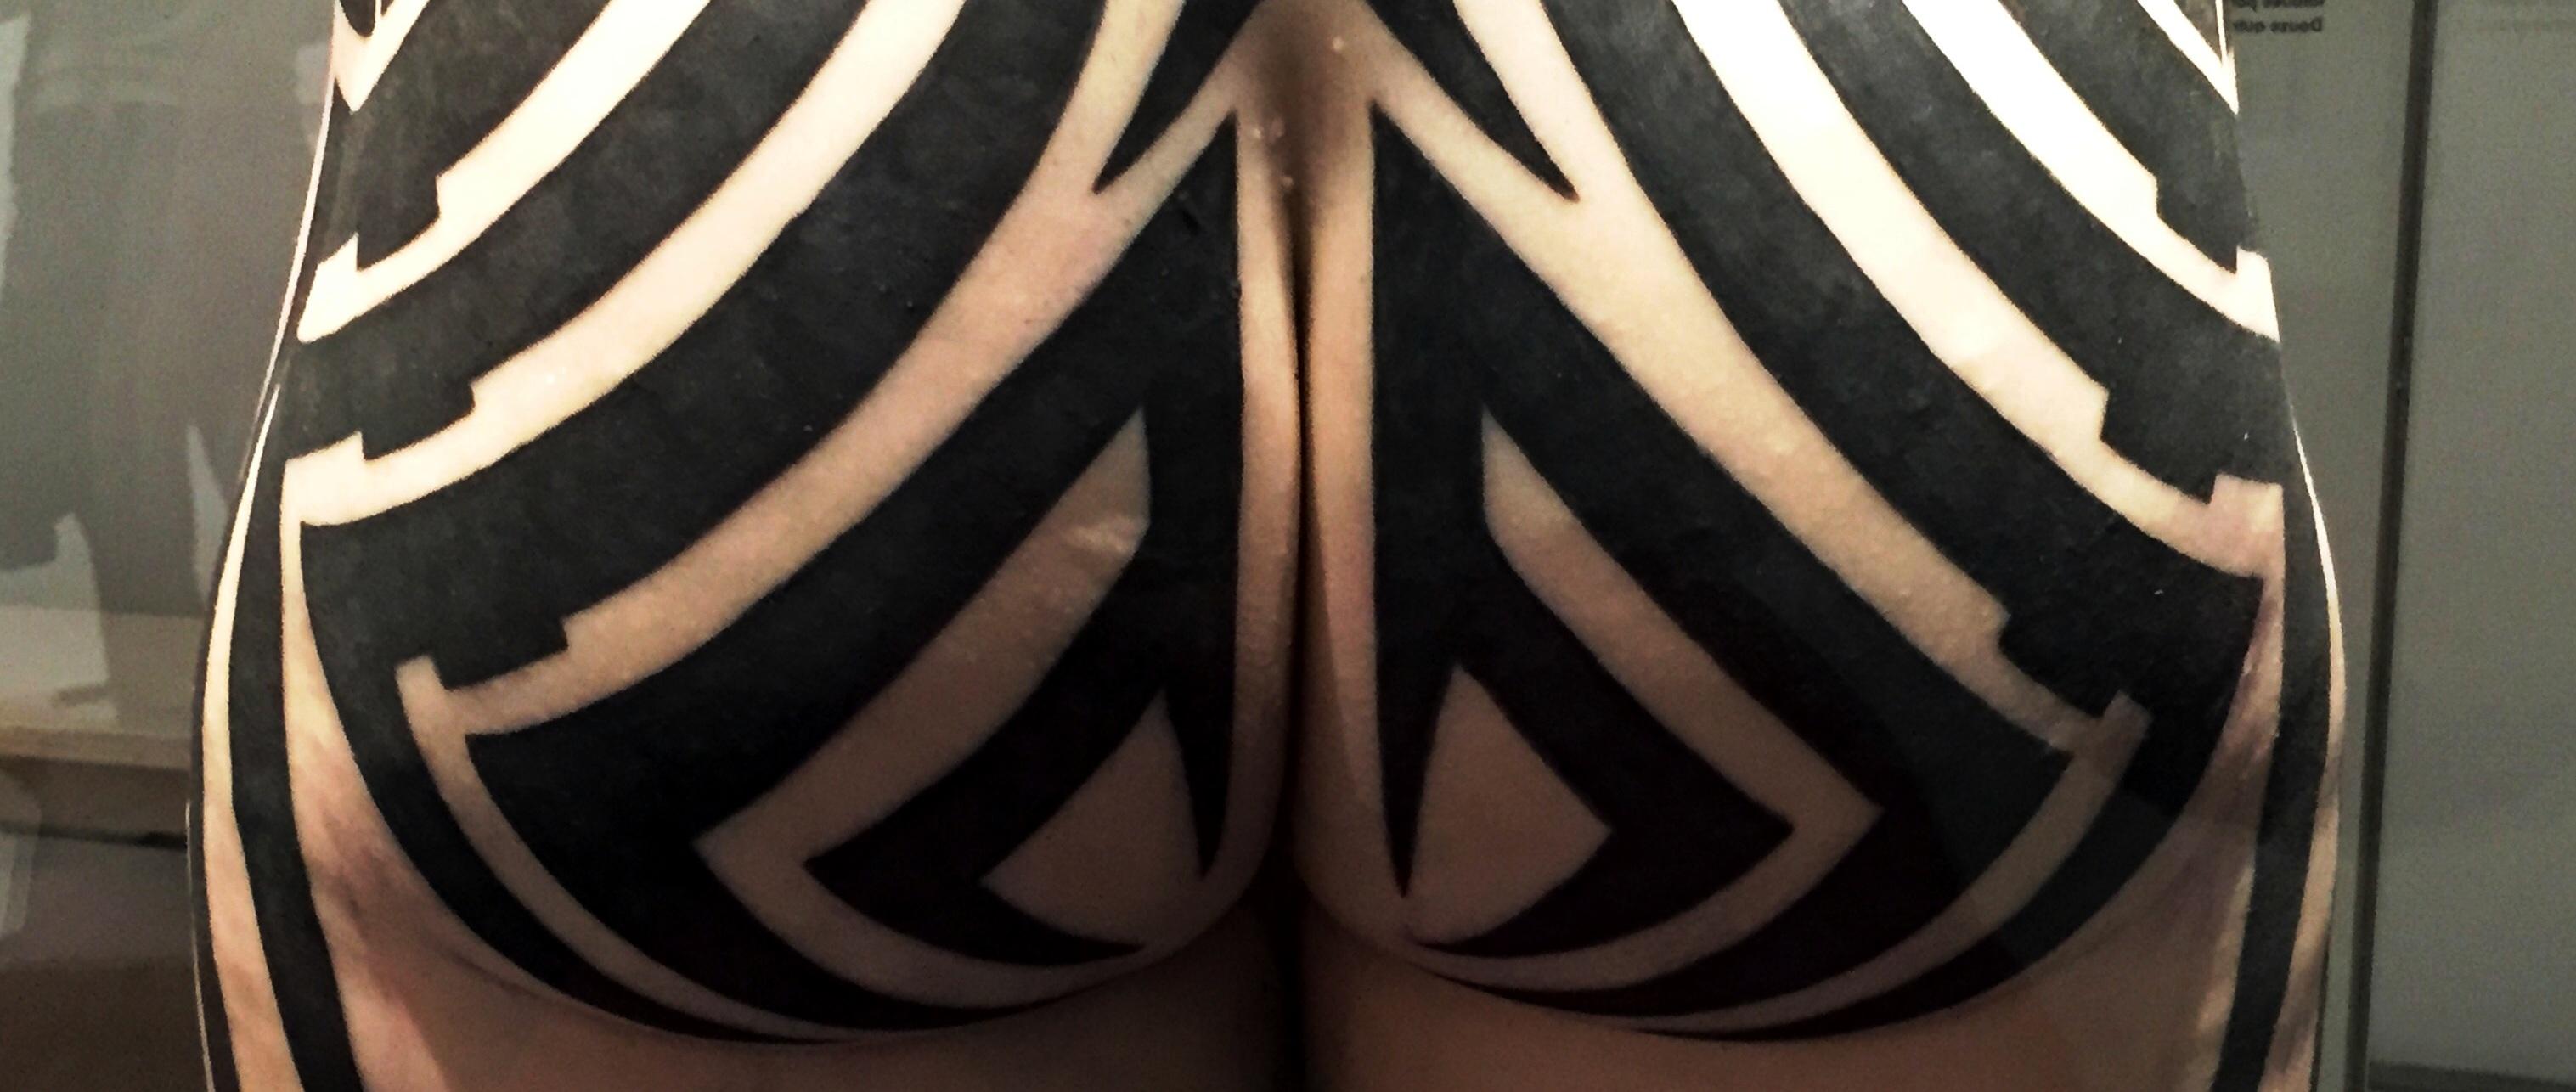 Татуировки: Ритуал. Идентификация. Одержимость. Искусство